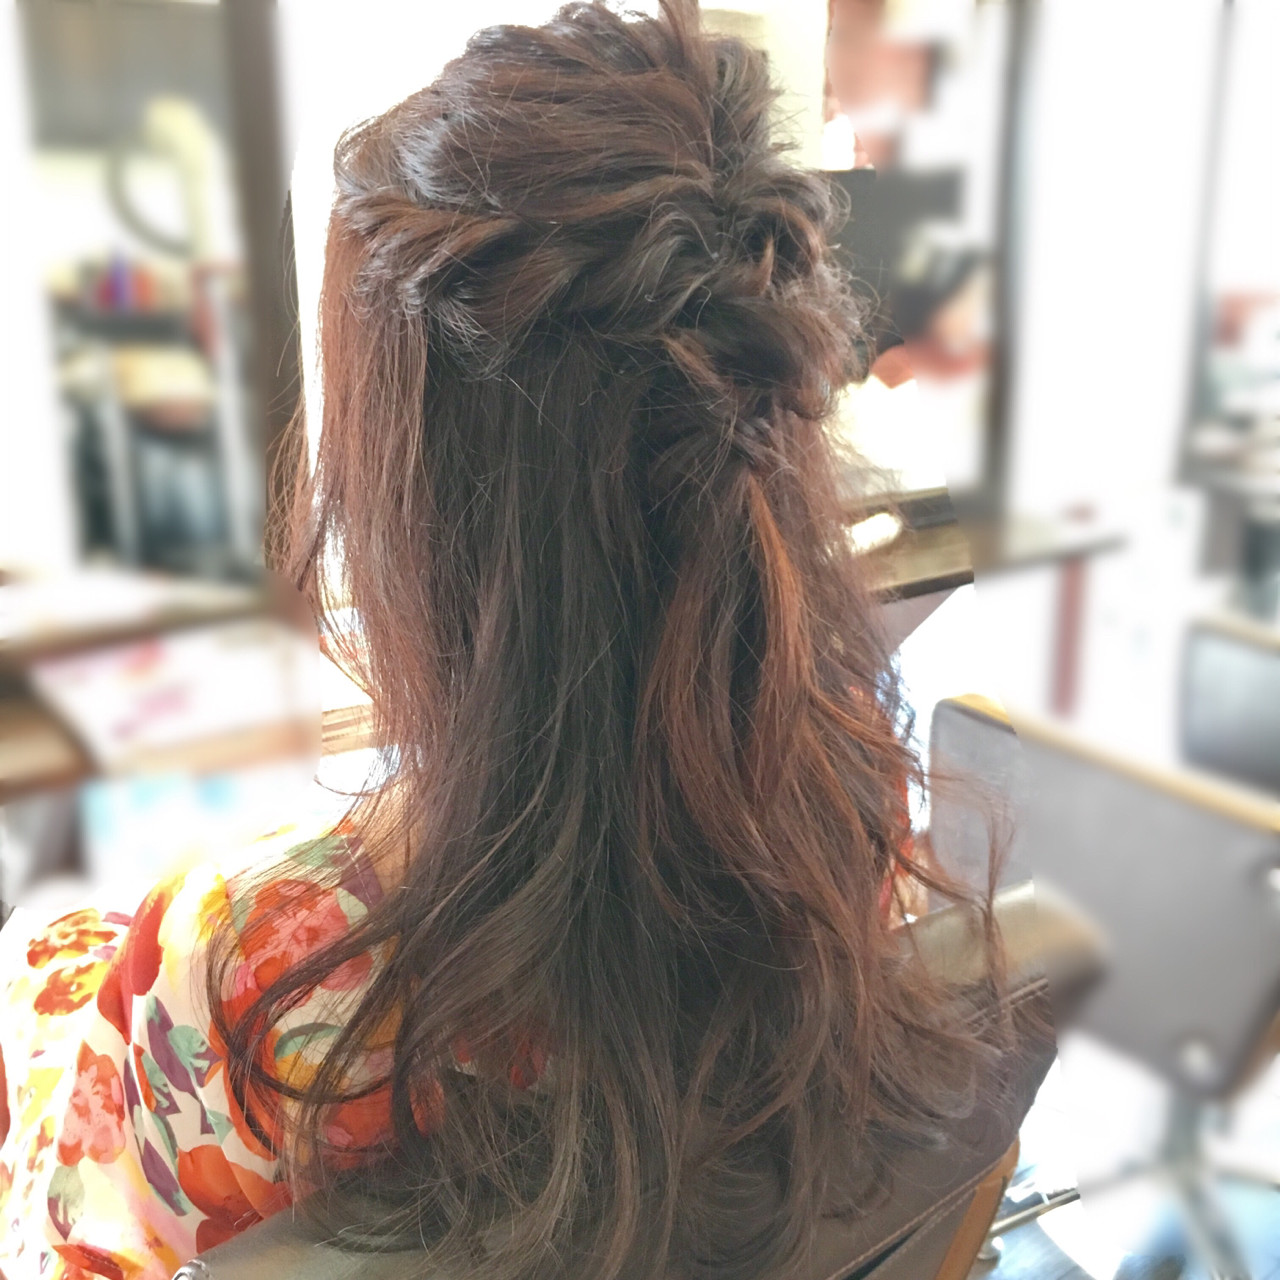 くるりんぱ 女子会 ヘアアレンジ ハーフアップ ヘアスタイルや髪型の写真・画像 | 鈴木 健太郎 / ShuKRun